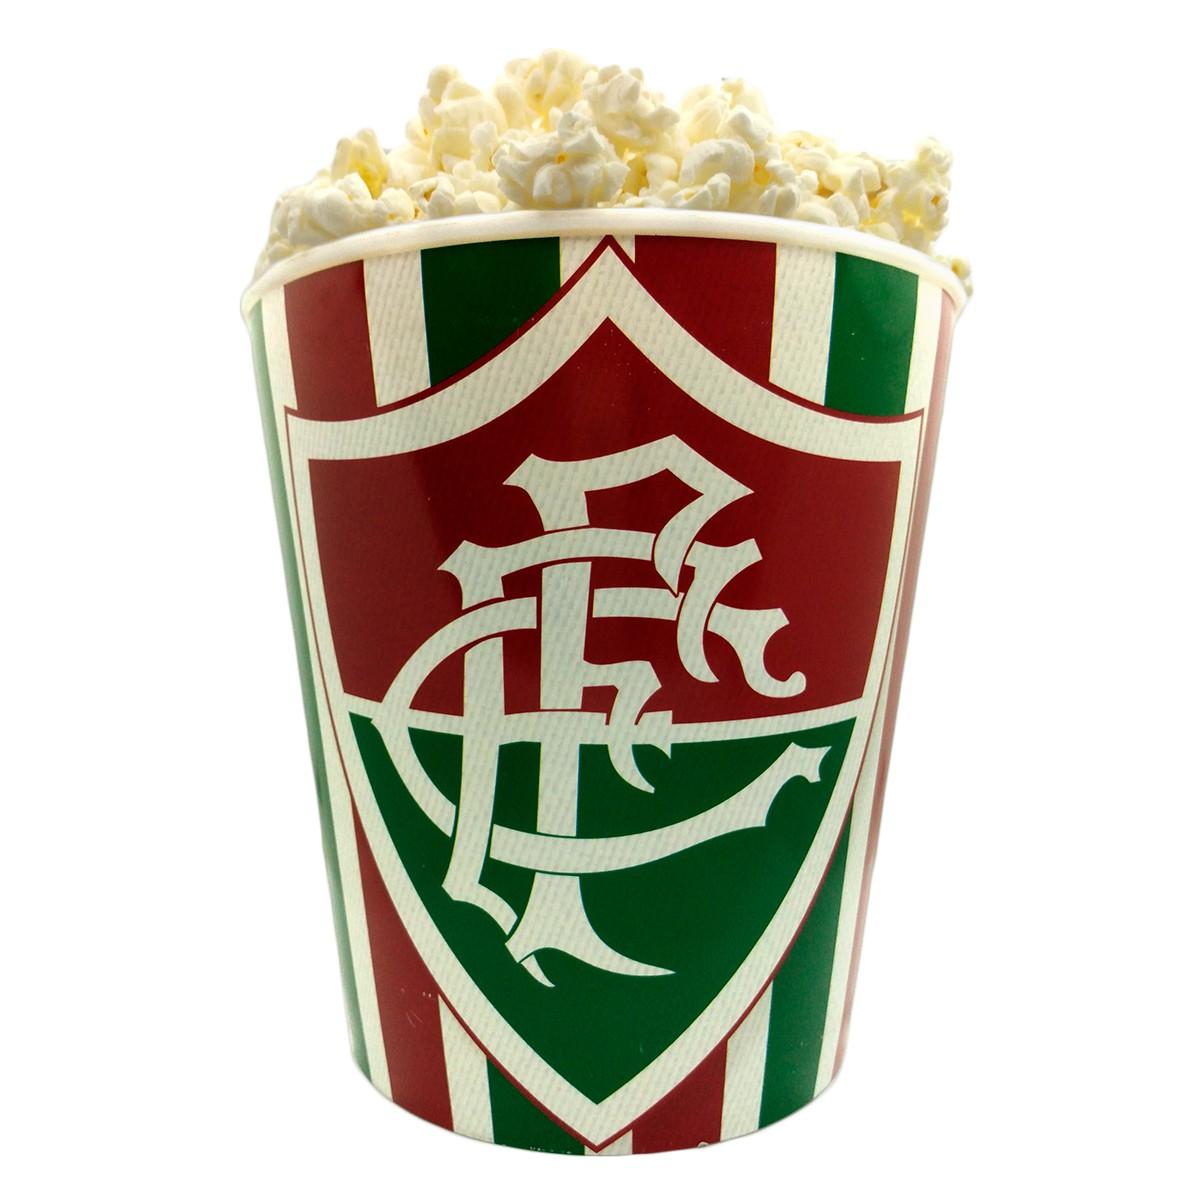 Balde de pipoca do Fluminense